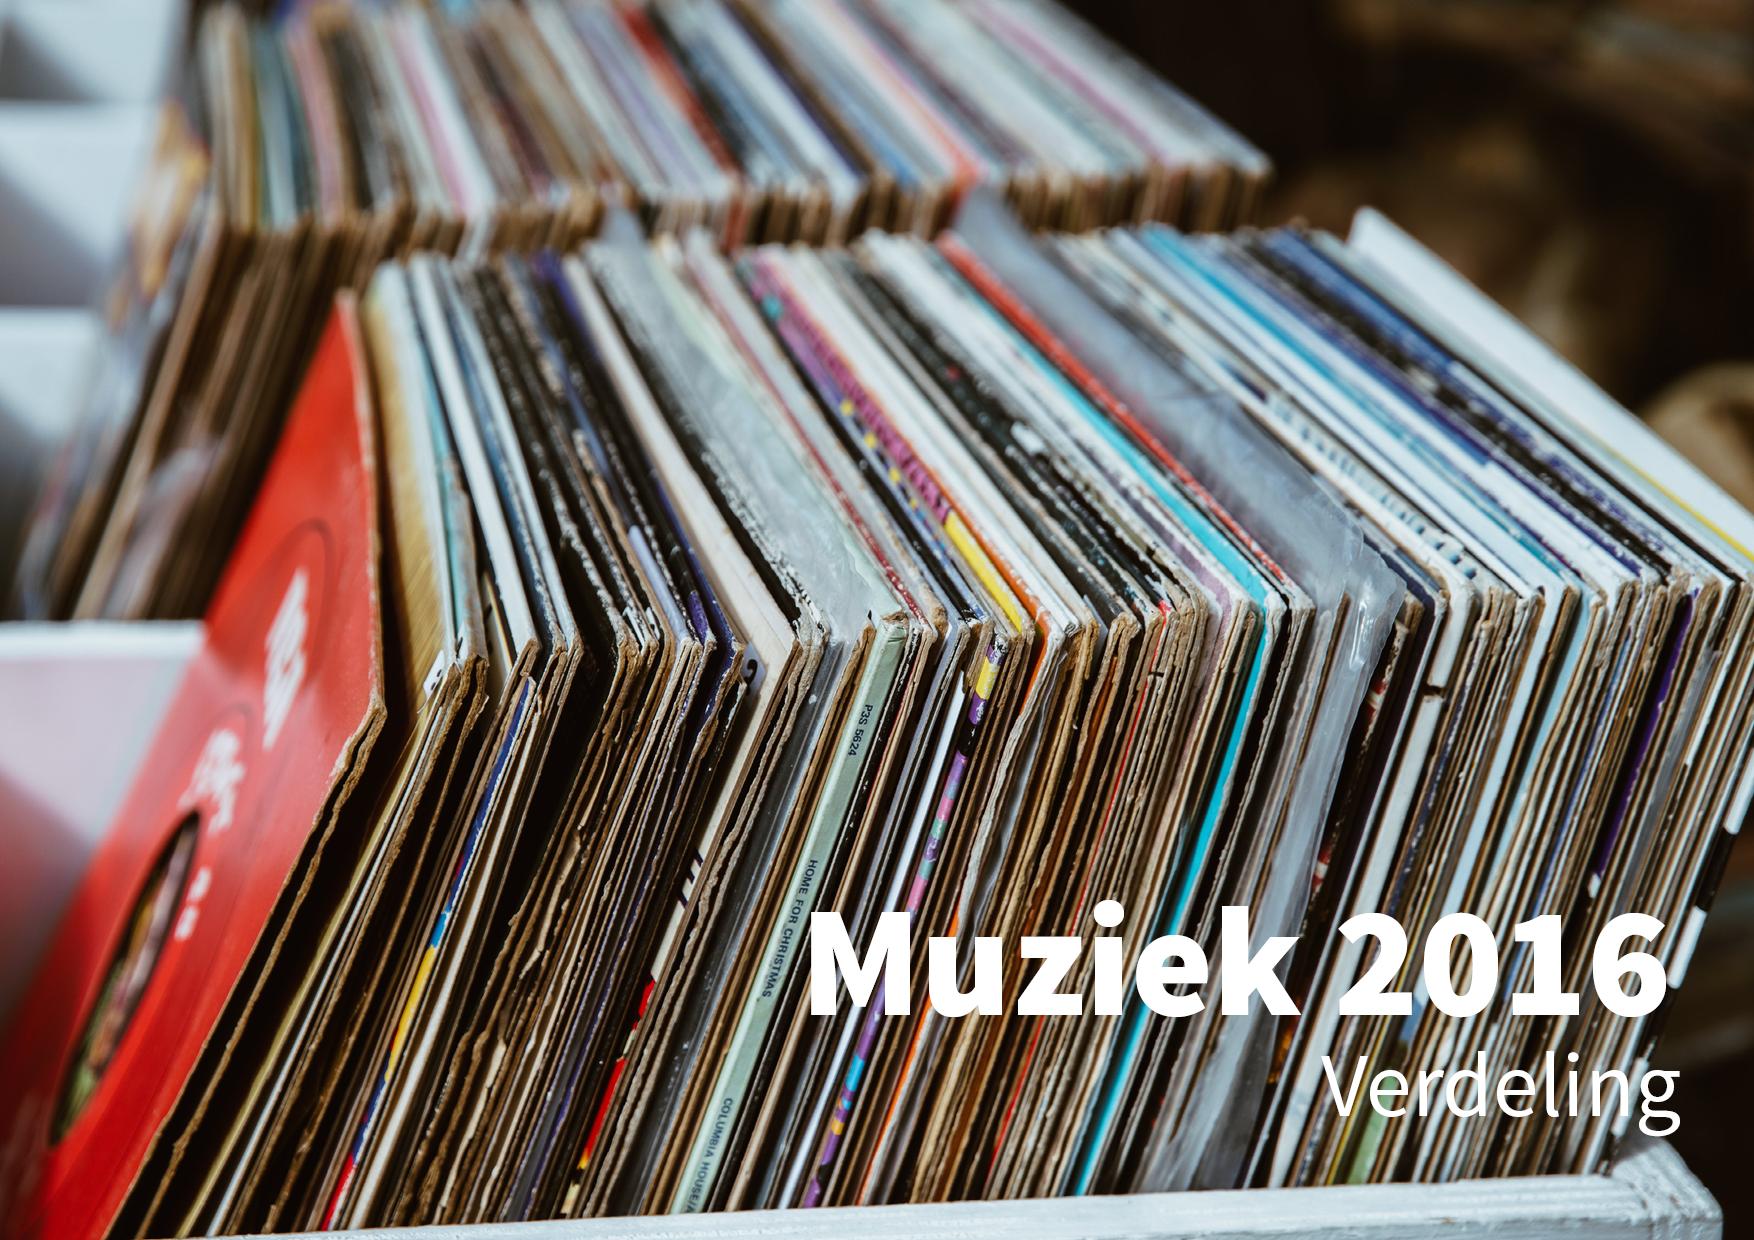 Muziek 2016: afsluitende verdeling van rechten wordt afgeklopt op €6,7 miljoen